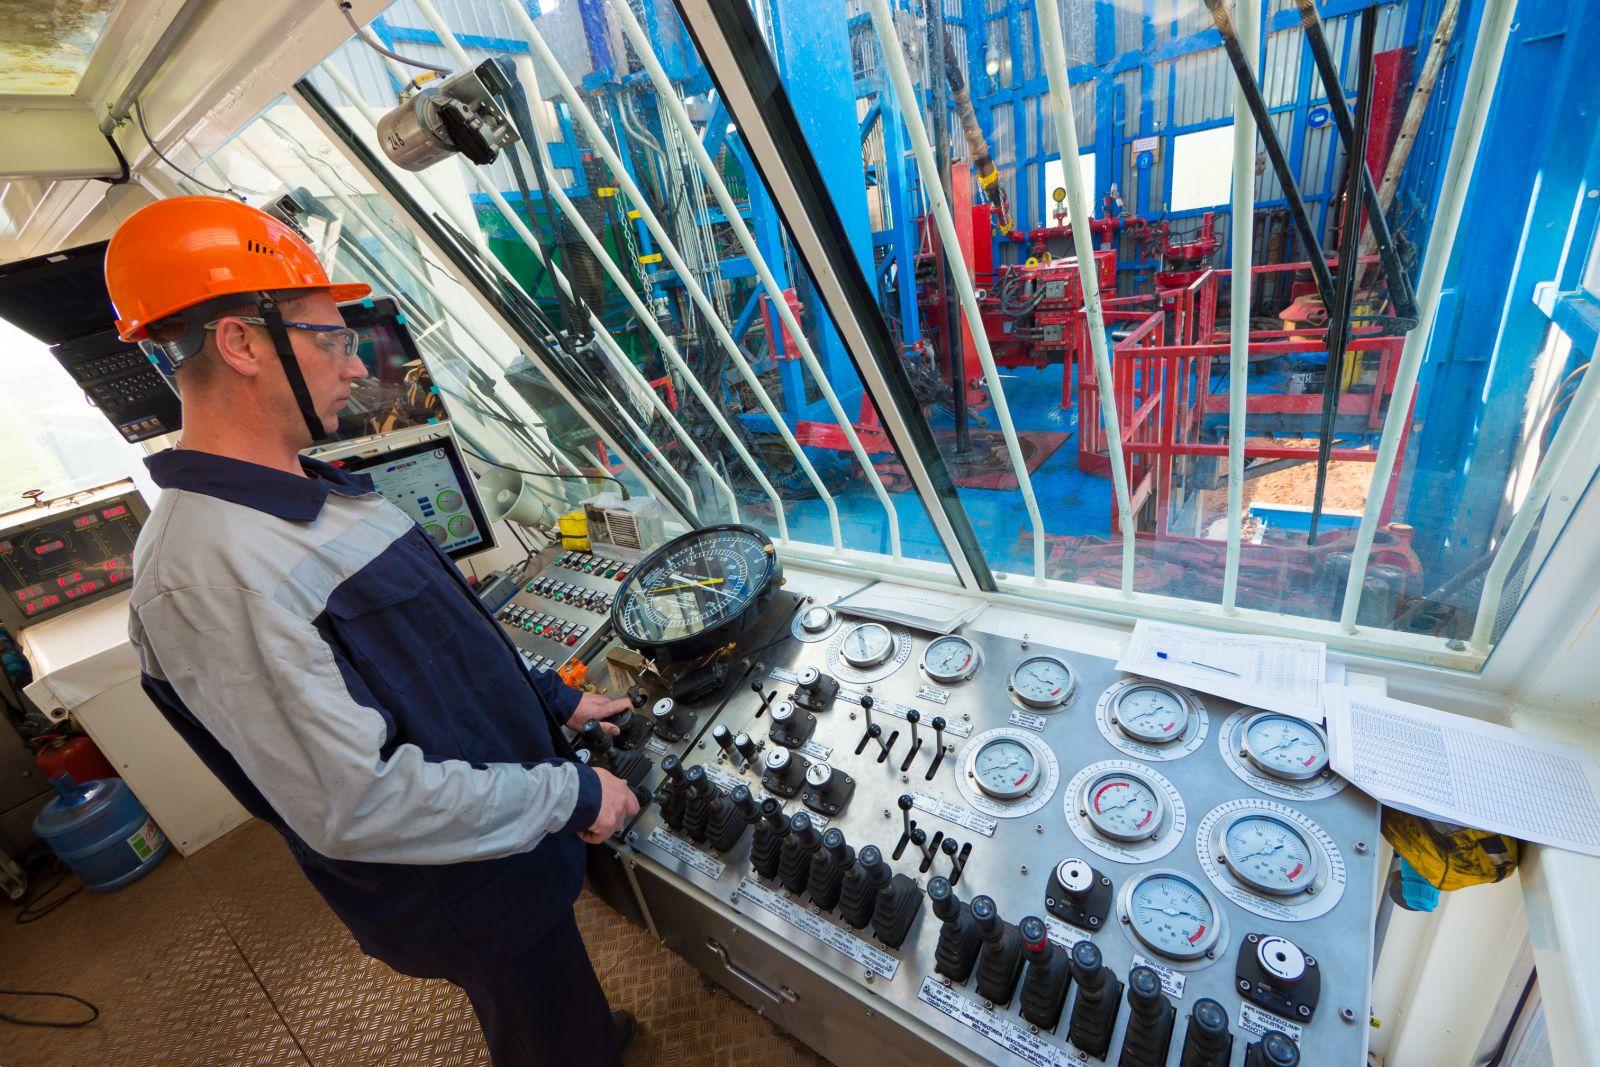 «Газпром нефть» начала доставлять грузы наместорождения спомощью беспилотников